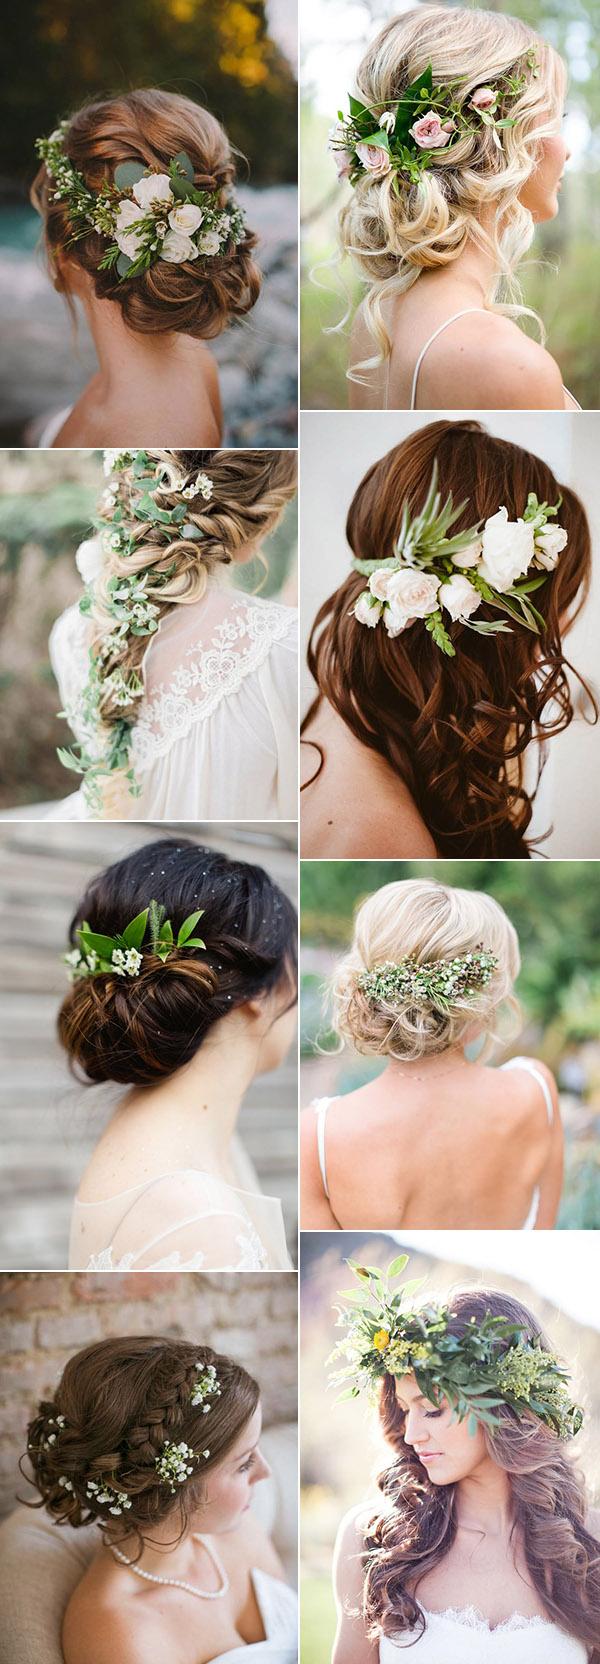 bohemian wedding ideas - diy boho chic wedding - the 36th avenue